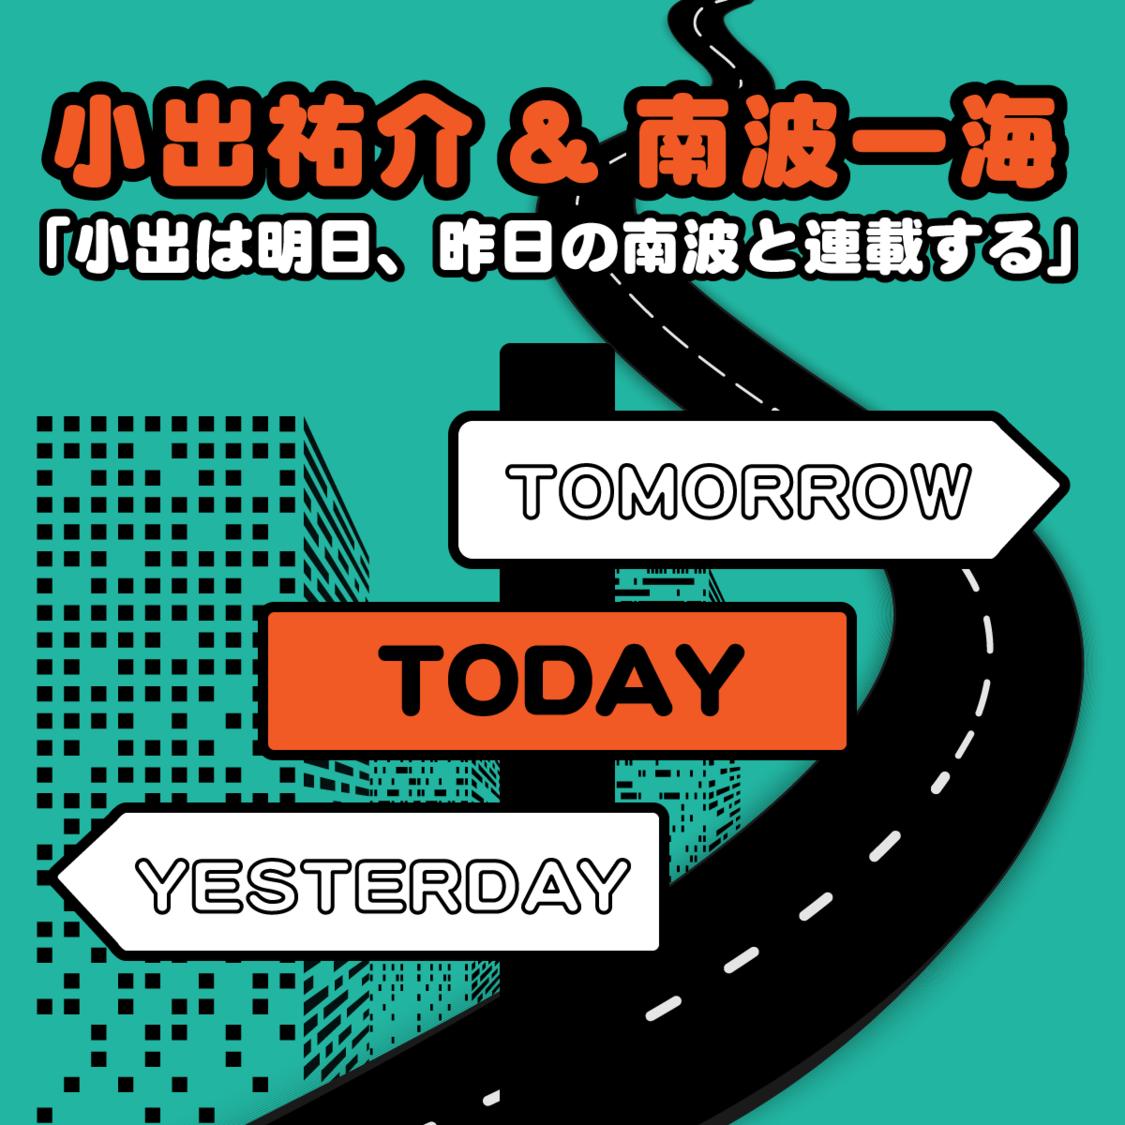 第25回:BESTIEMとお悩み相談1〜小出祐介&南波一海「小出は明日、昨日の南波と連載する」〜